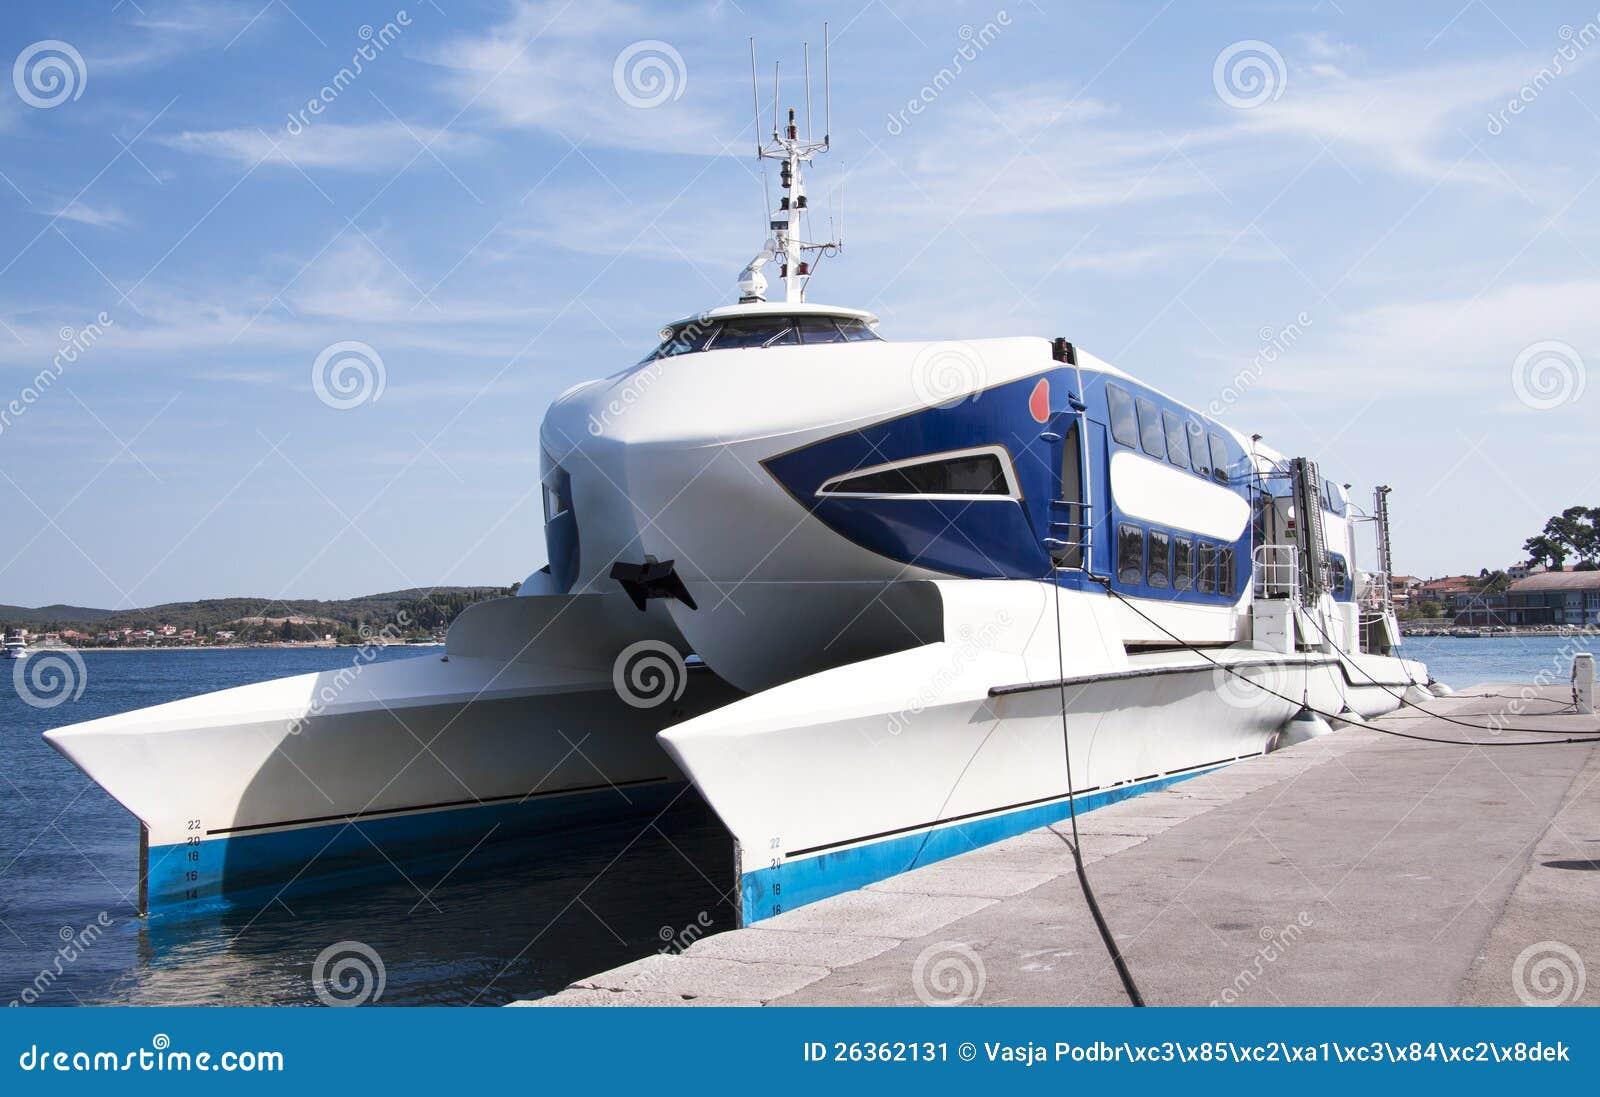 Γρήγορη βάρκα καταμαράν